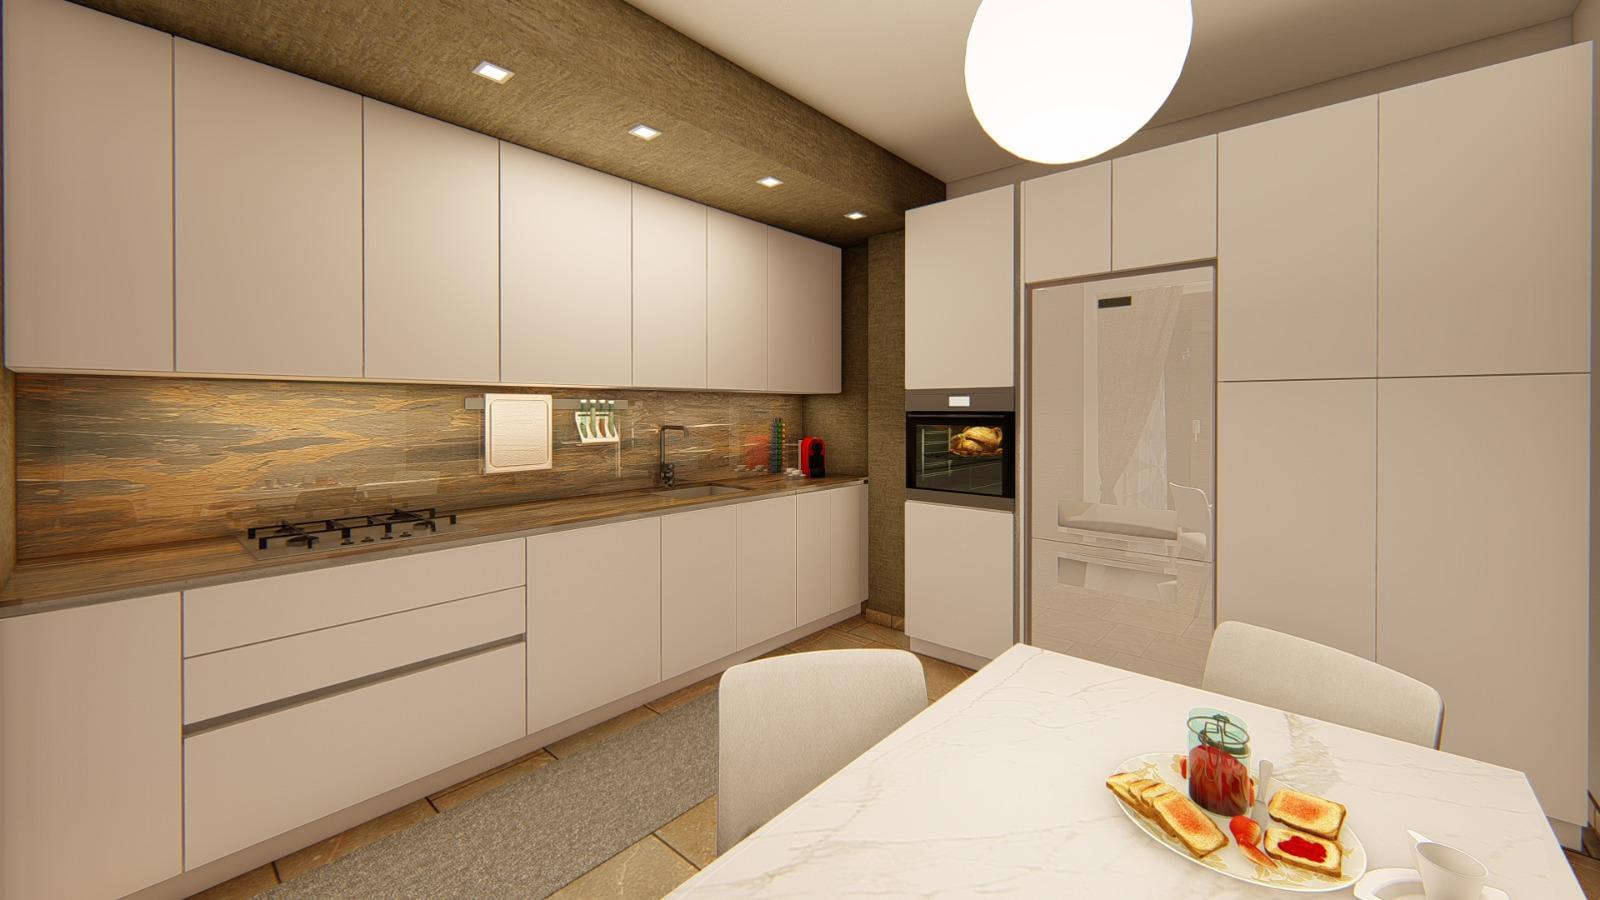 Foto render di una progettazione cucina e living con divano a penisola